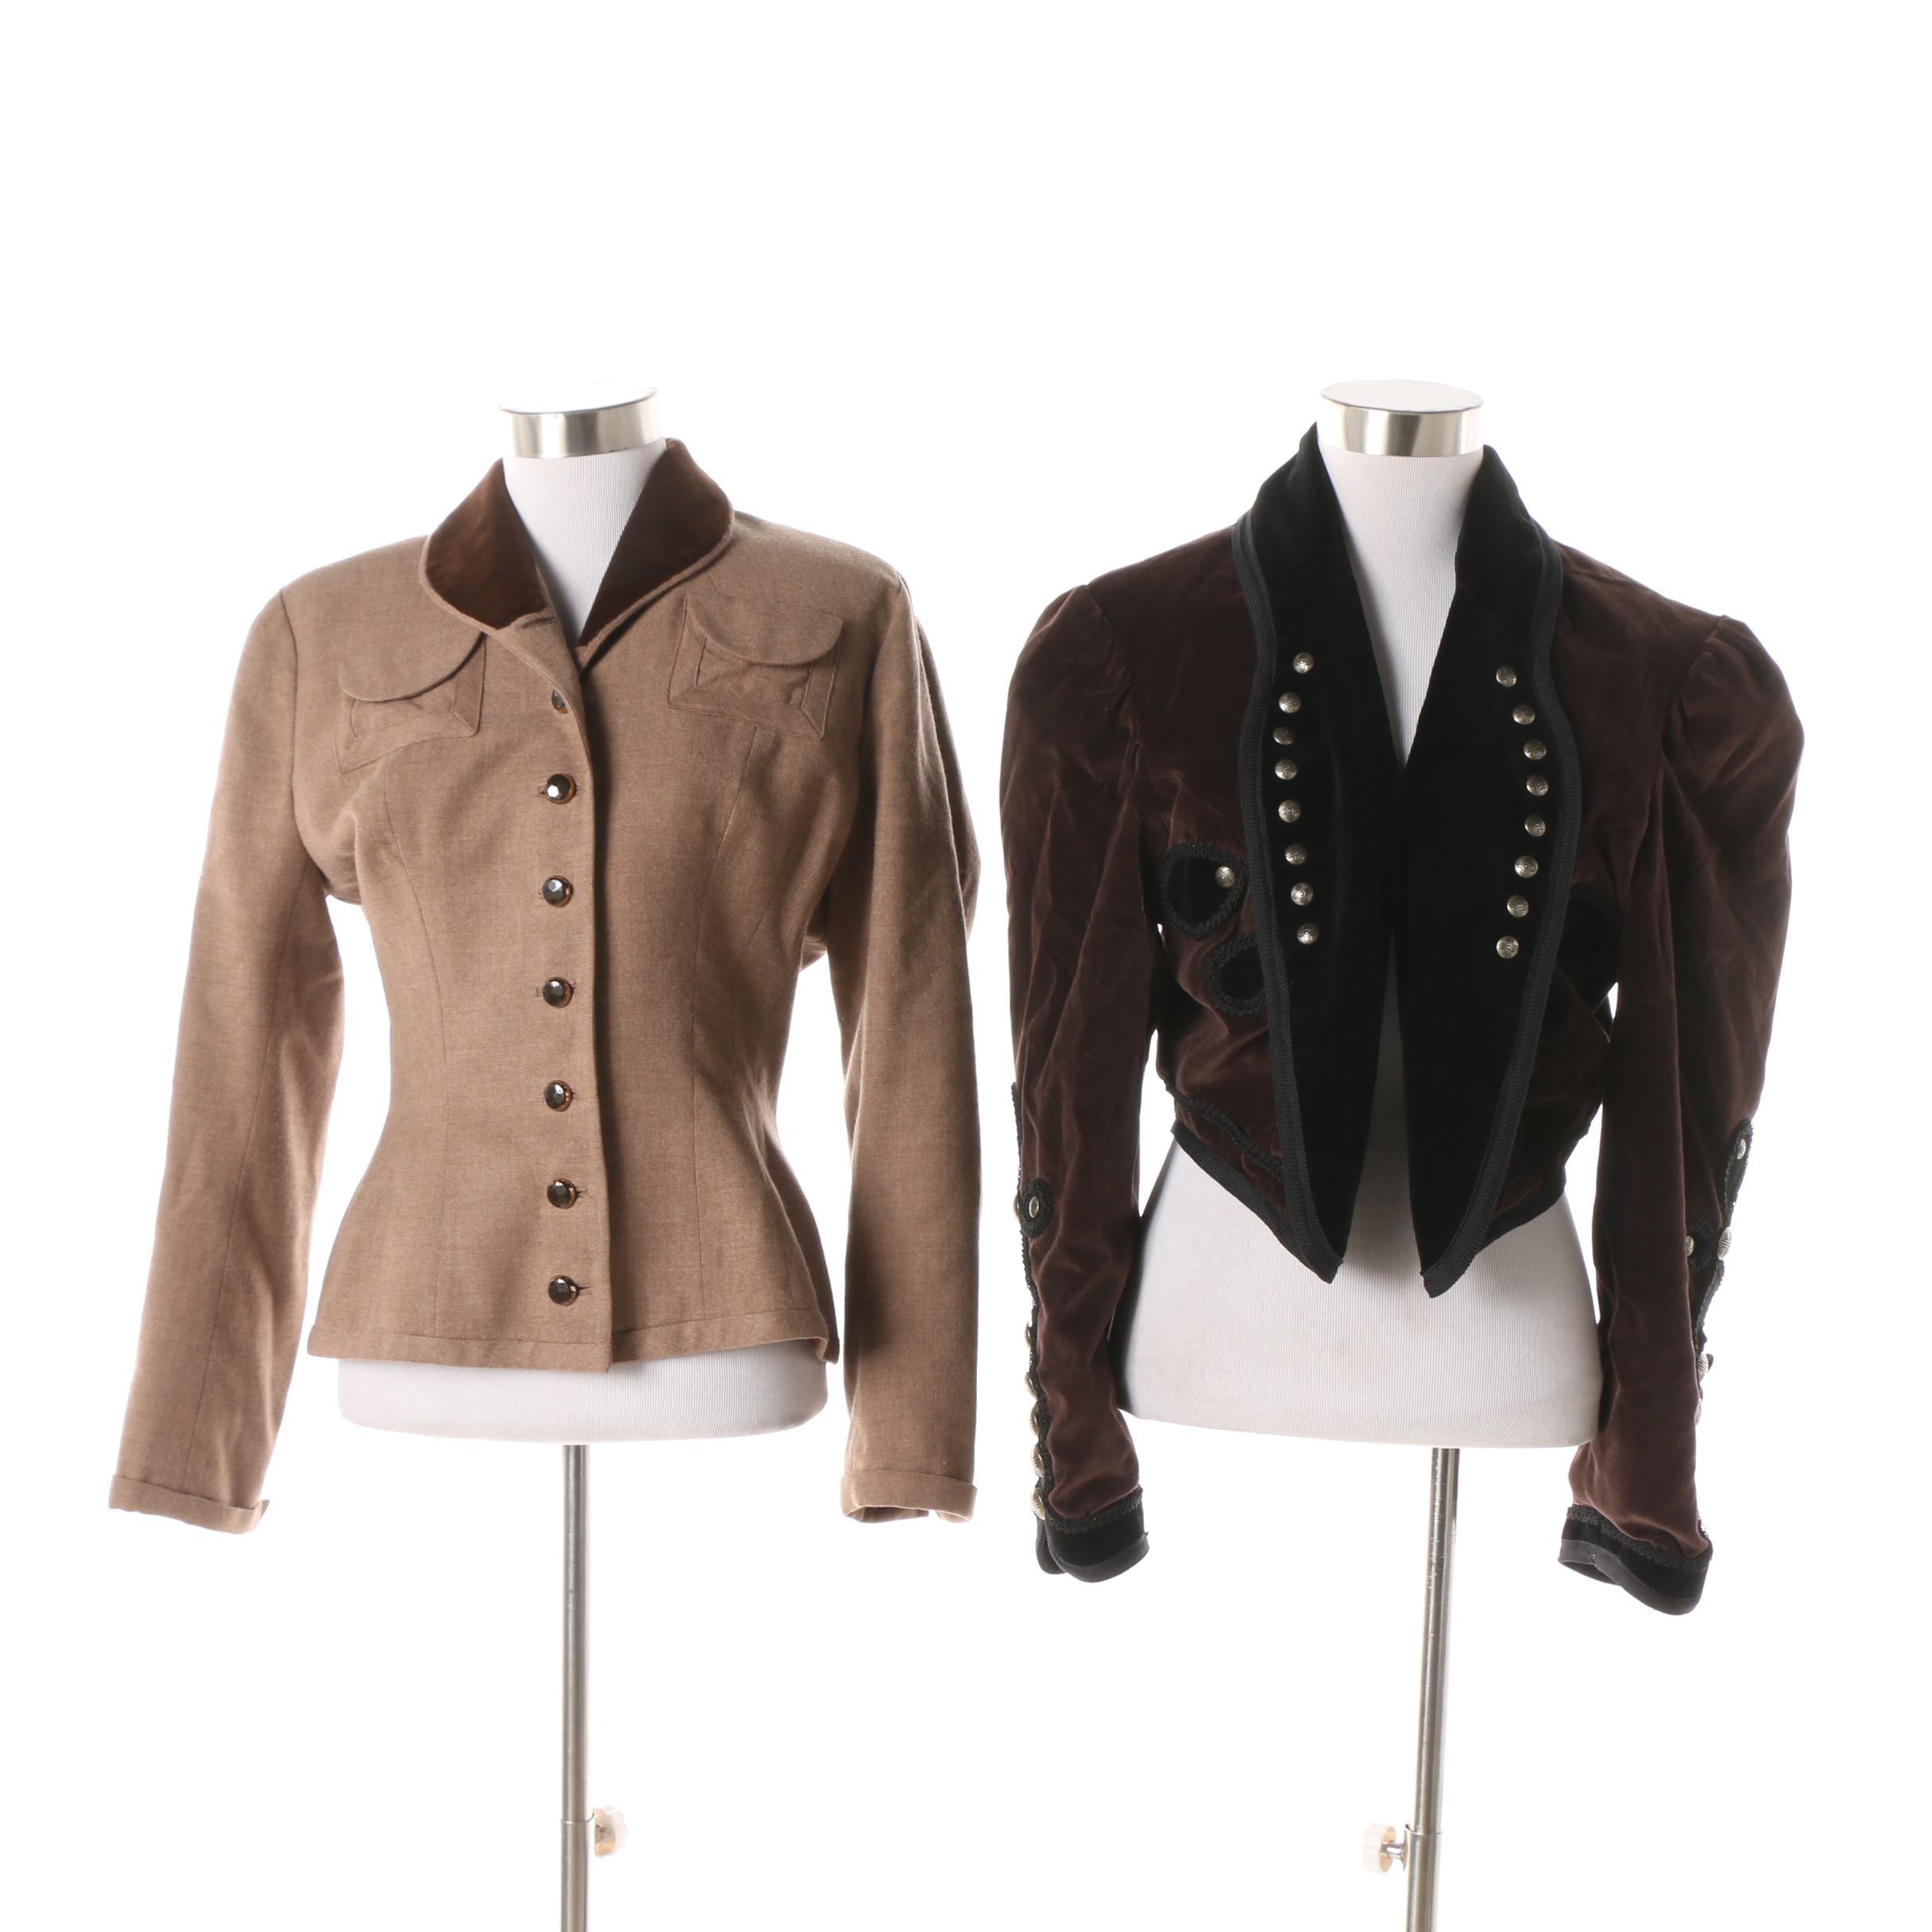 Women's Vintage Riders Through the Century and Julius Garfinckel & Co. Jackets